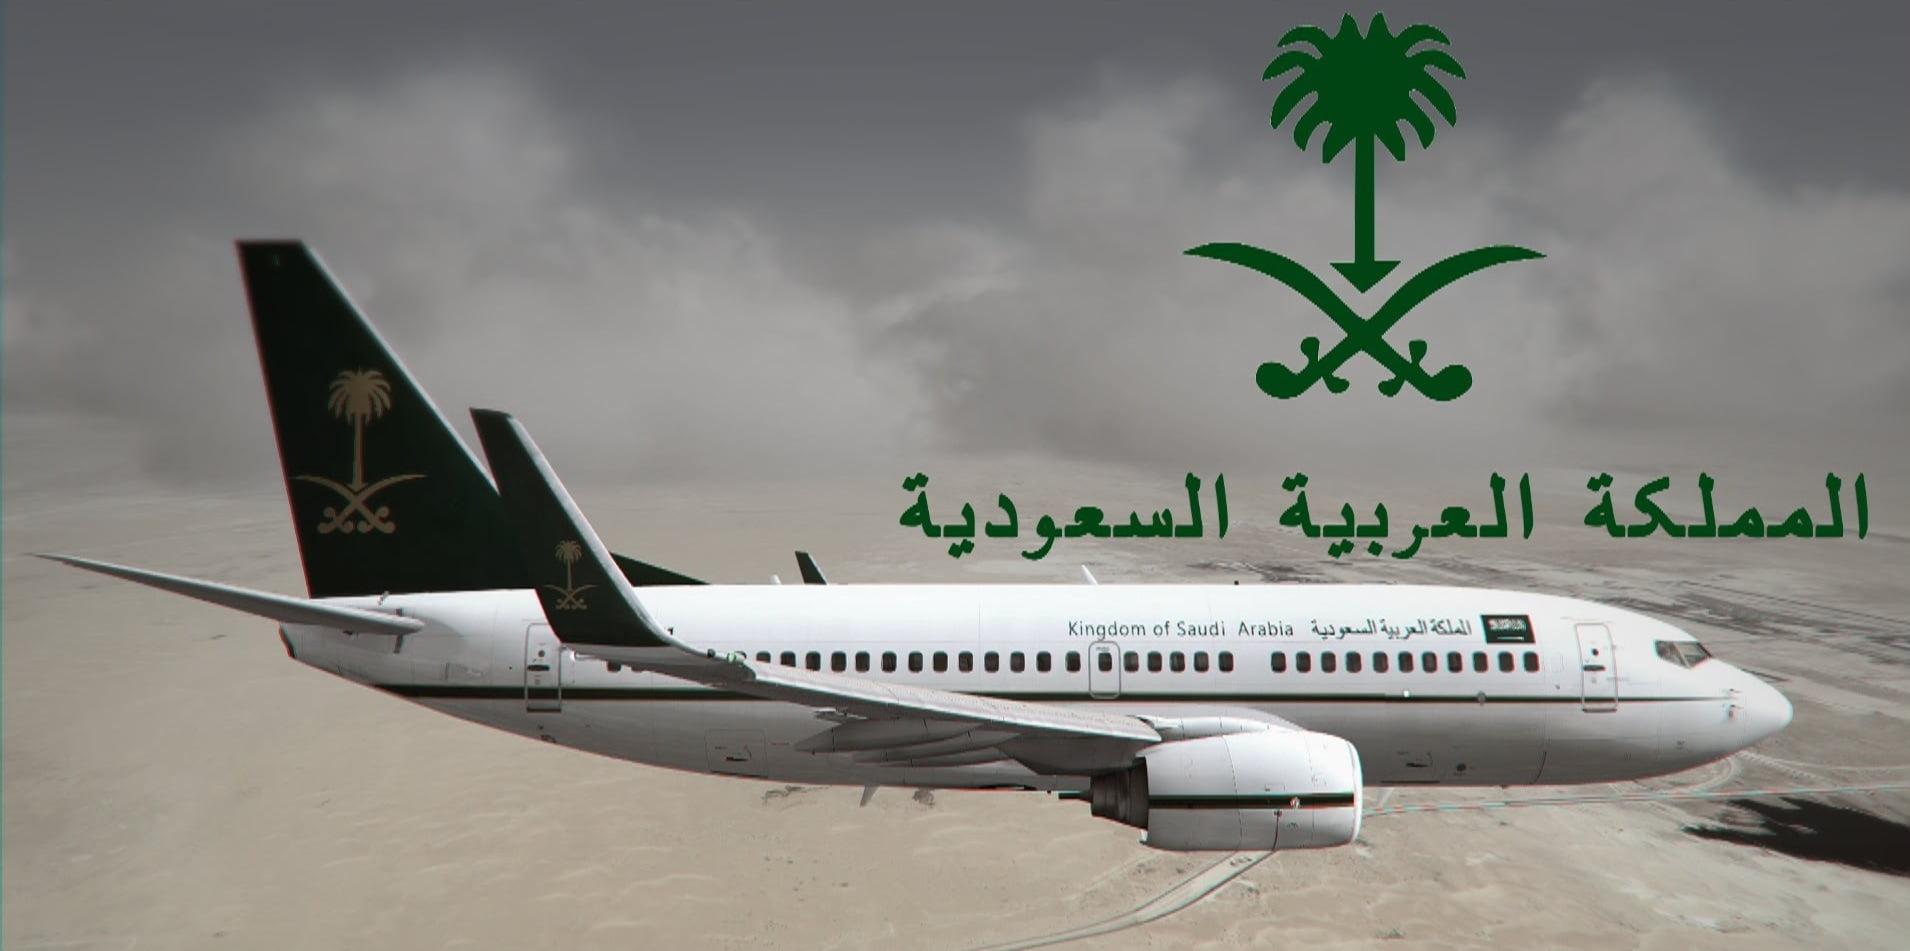 عربستان طیاره - شاهراه هوایی انتقال داعش به افغانستان باز شد!